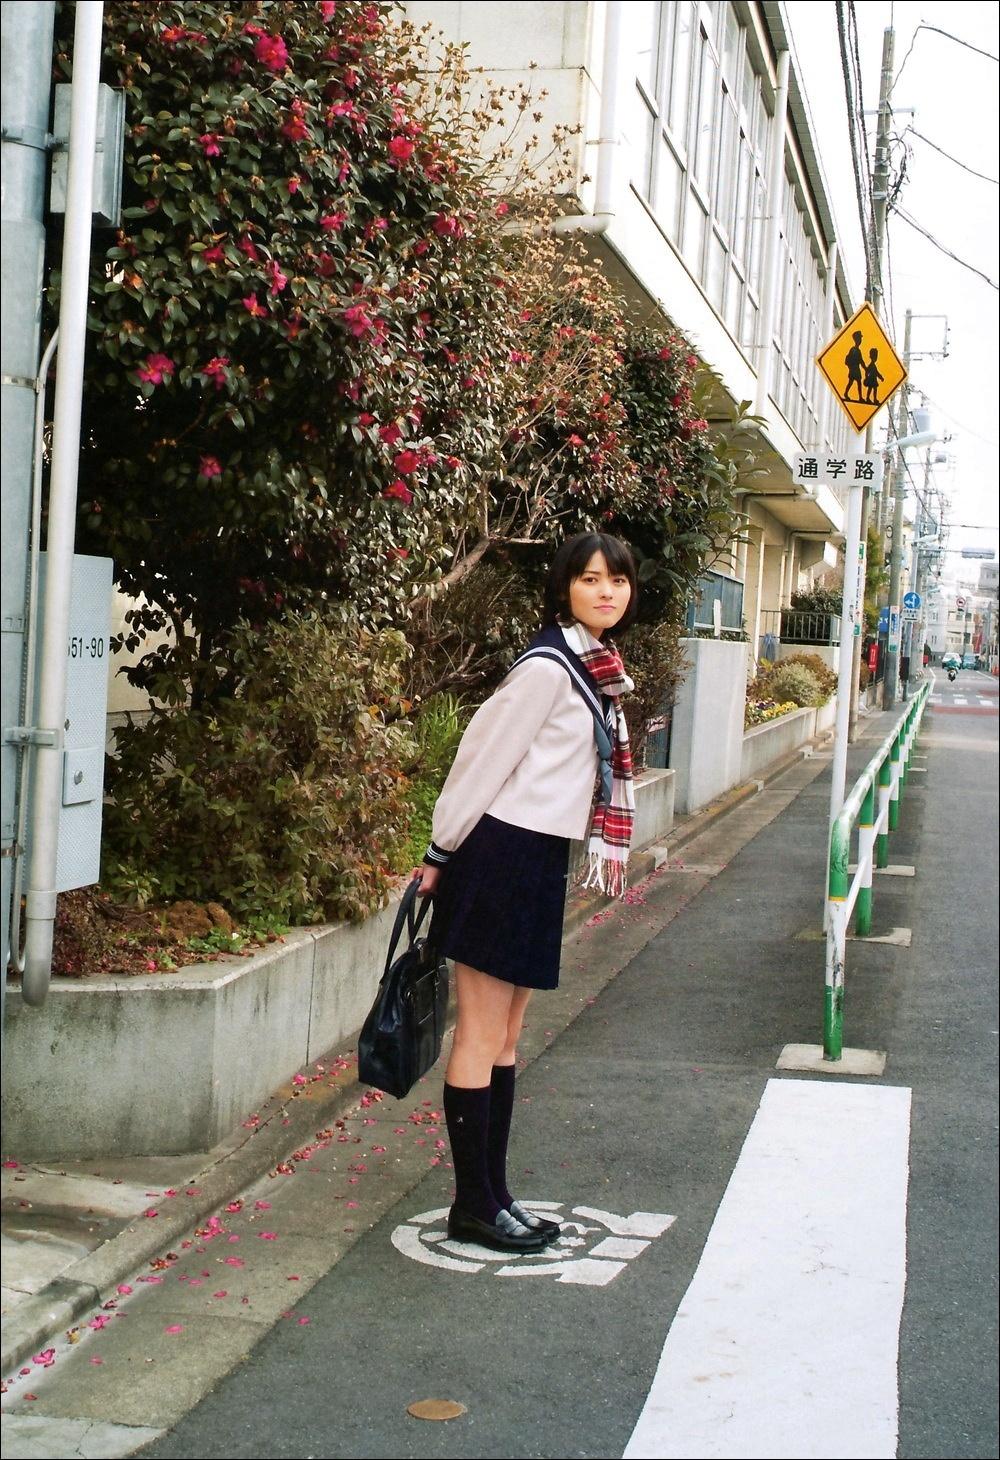 セーラー服 マフラー 登校 矢島舞美 2018冬